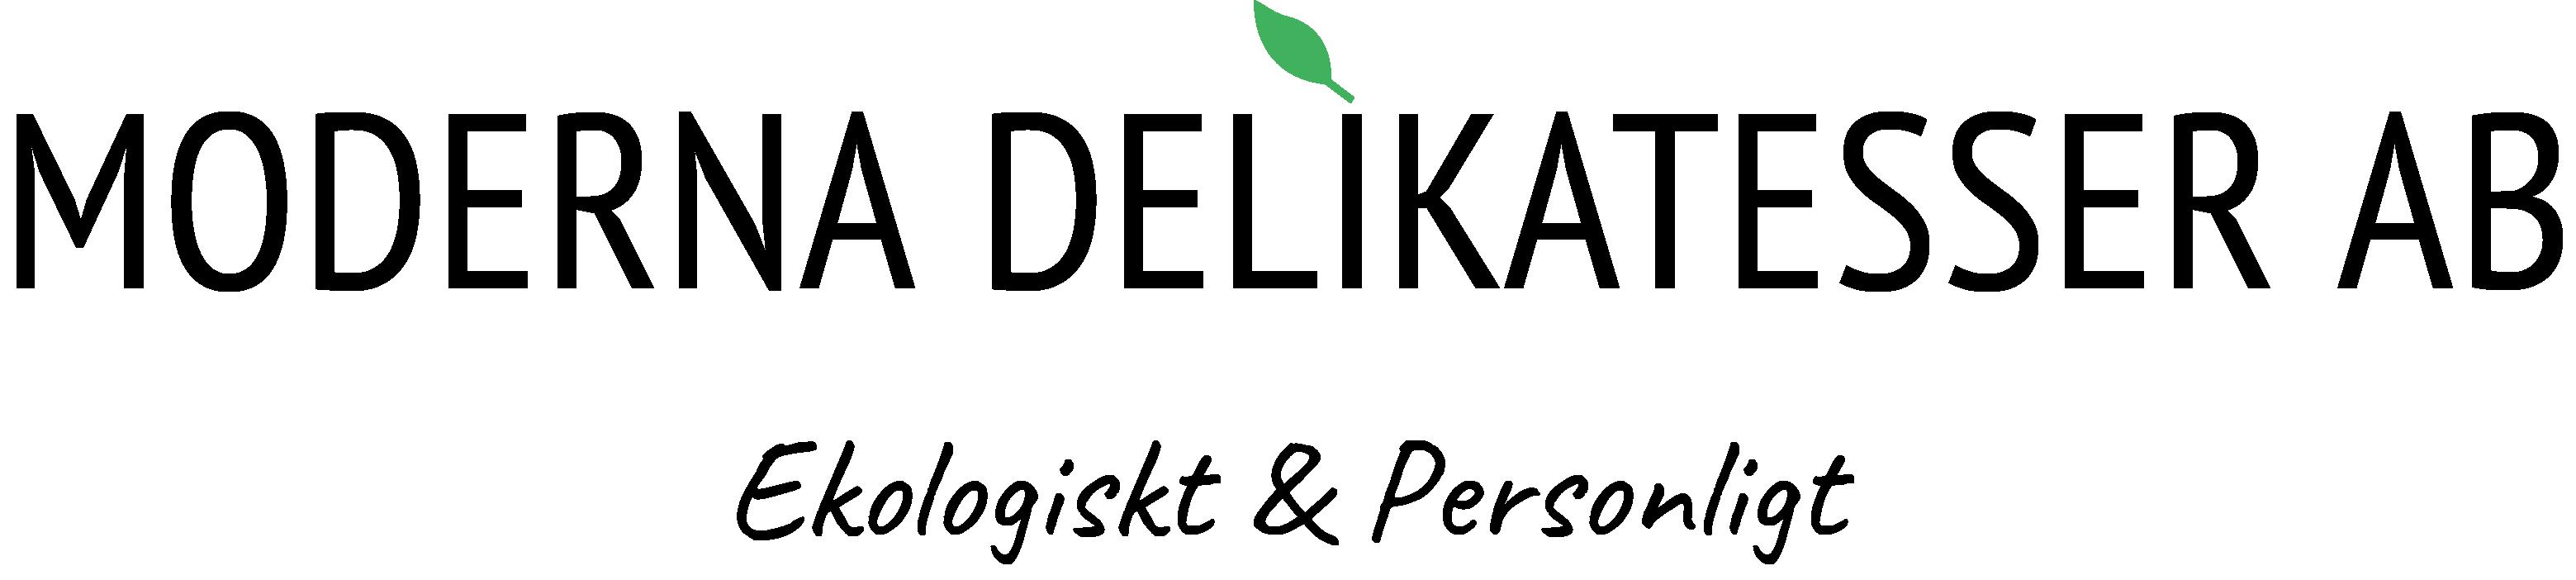 Moderna delikatesser logo